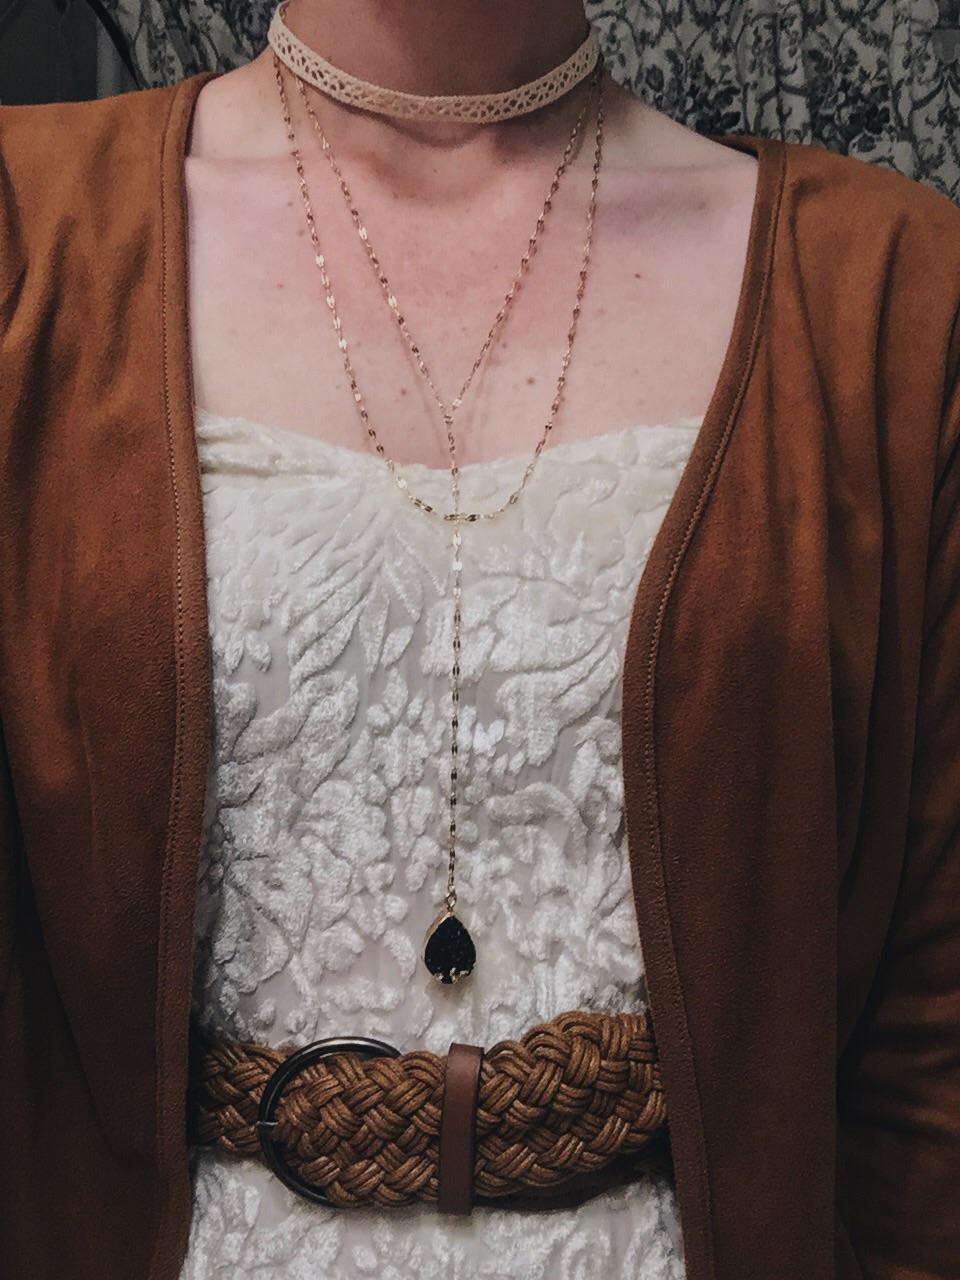 choker: Rue 21 $1 / necklace: Rue 21 $3.50 / dress: Goodwill